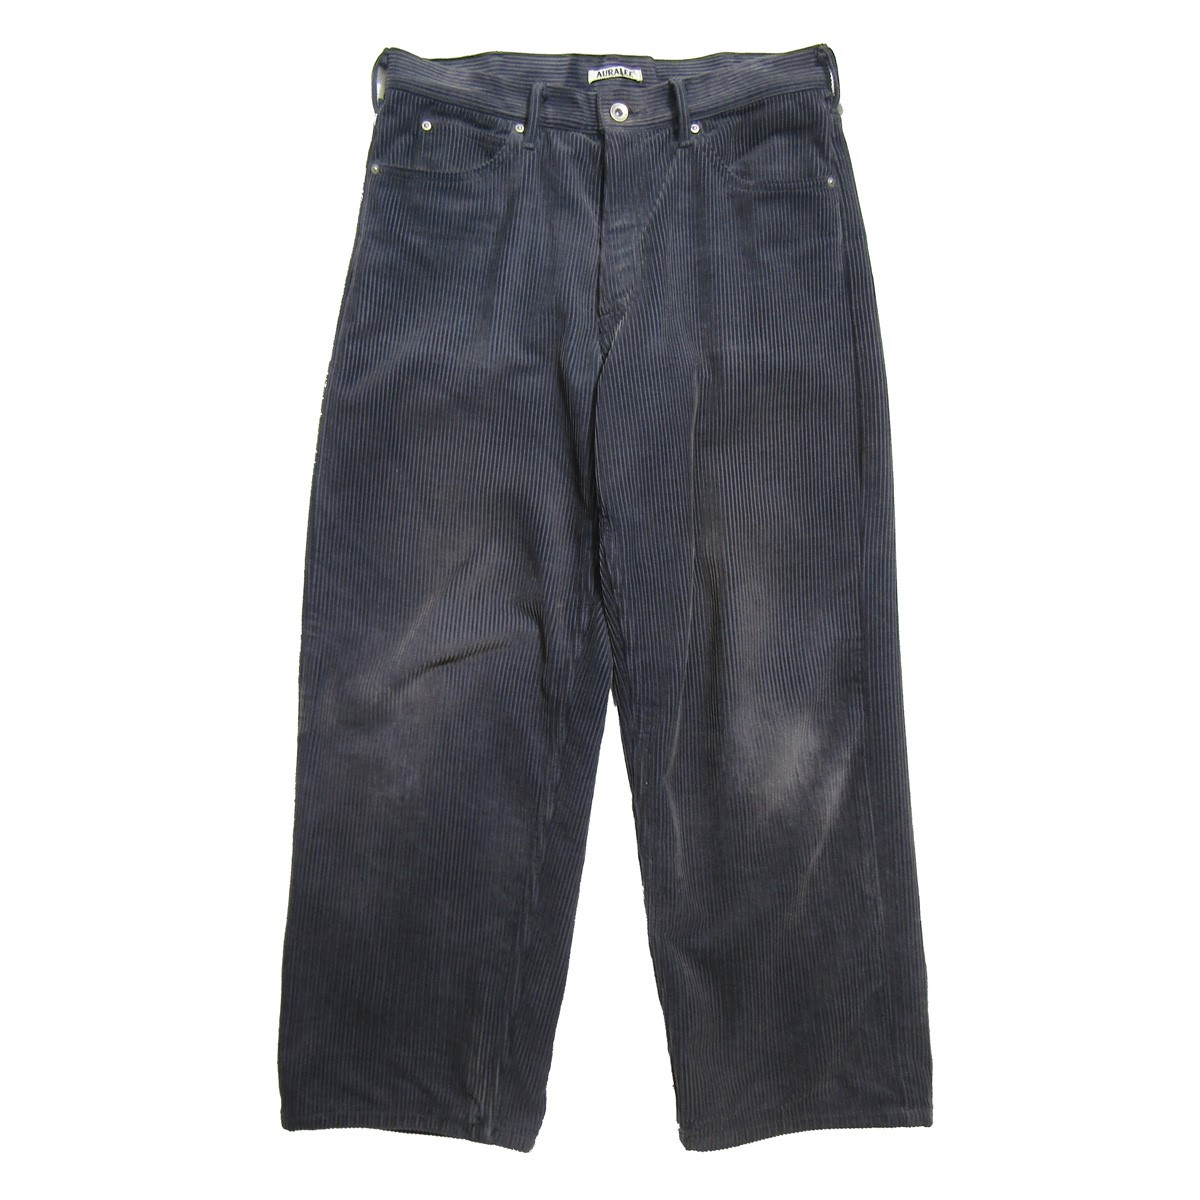 【中古】AURALEE 2019AW WASHED CORDUROY 5P PANTS/コーデュロイパンツ グレー サイズ:3 【070320】(オーラリー)